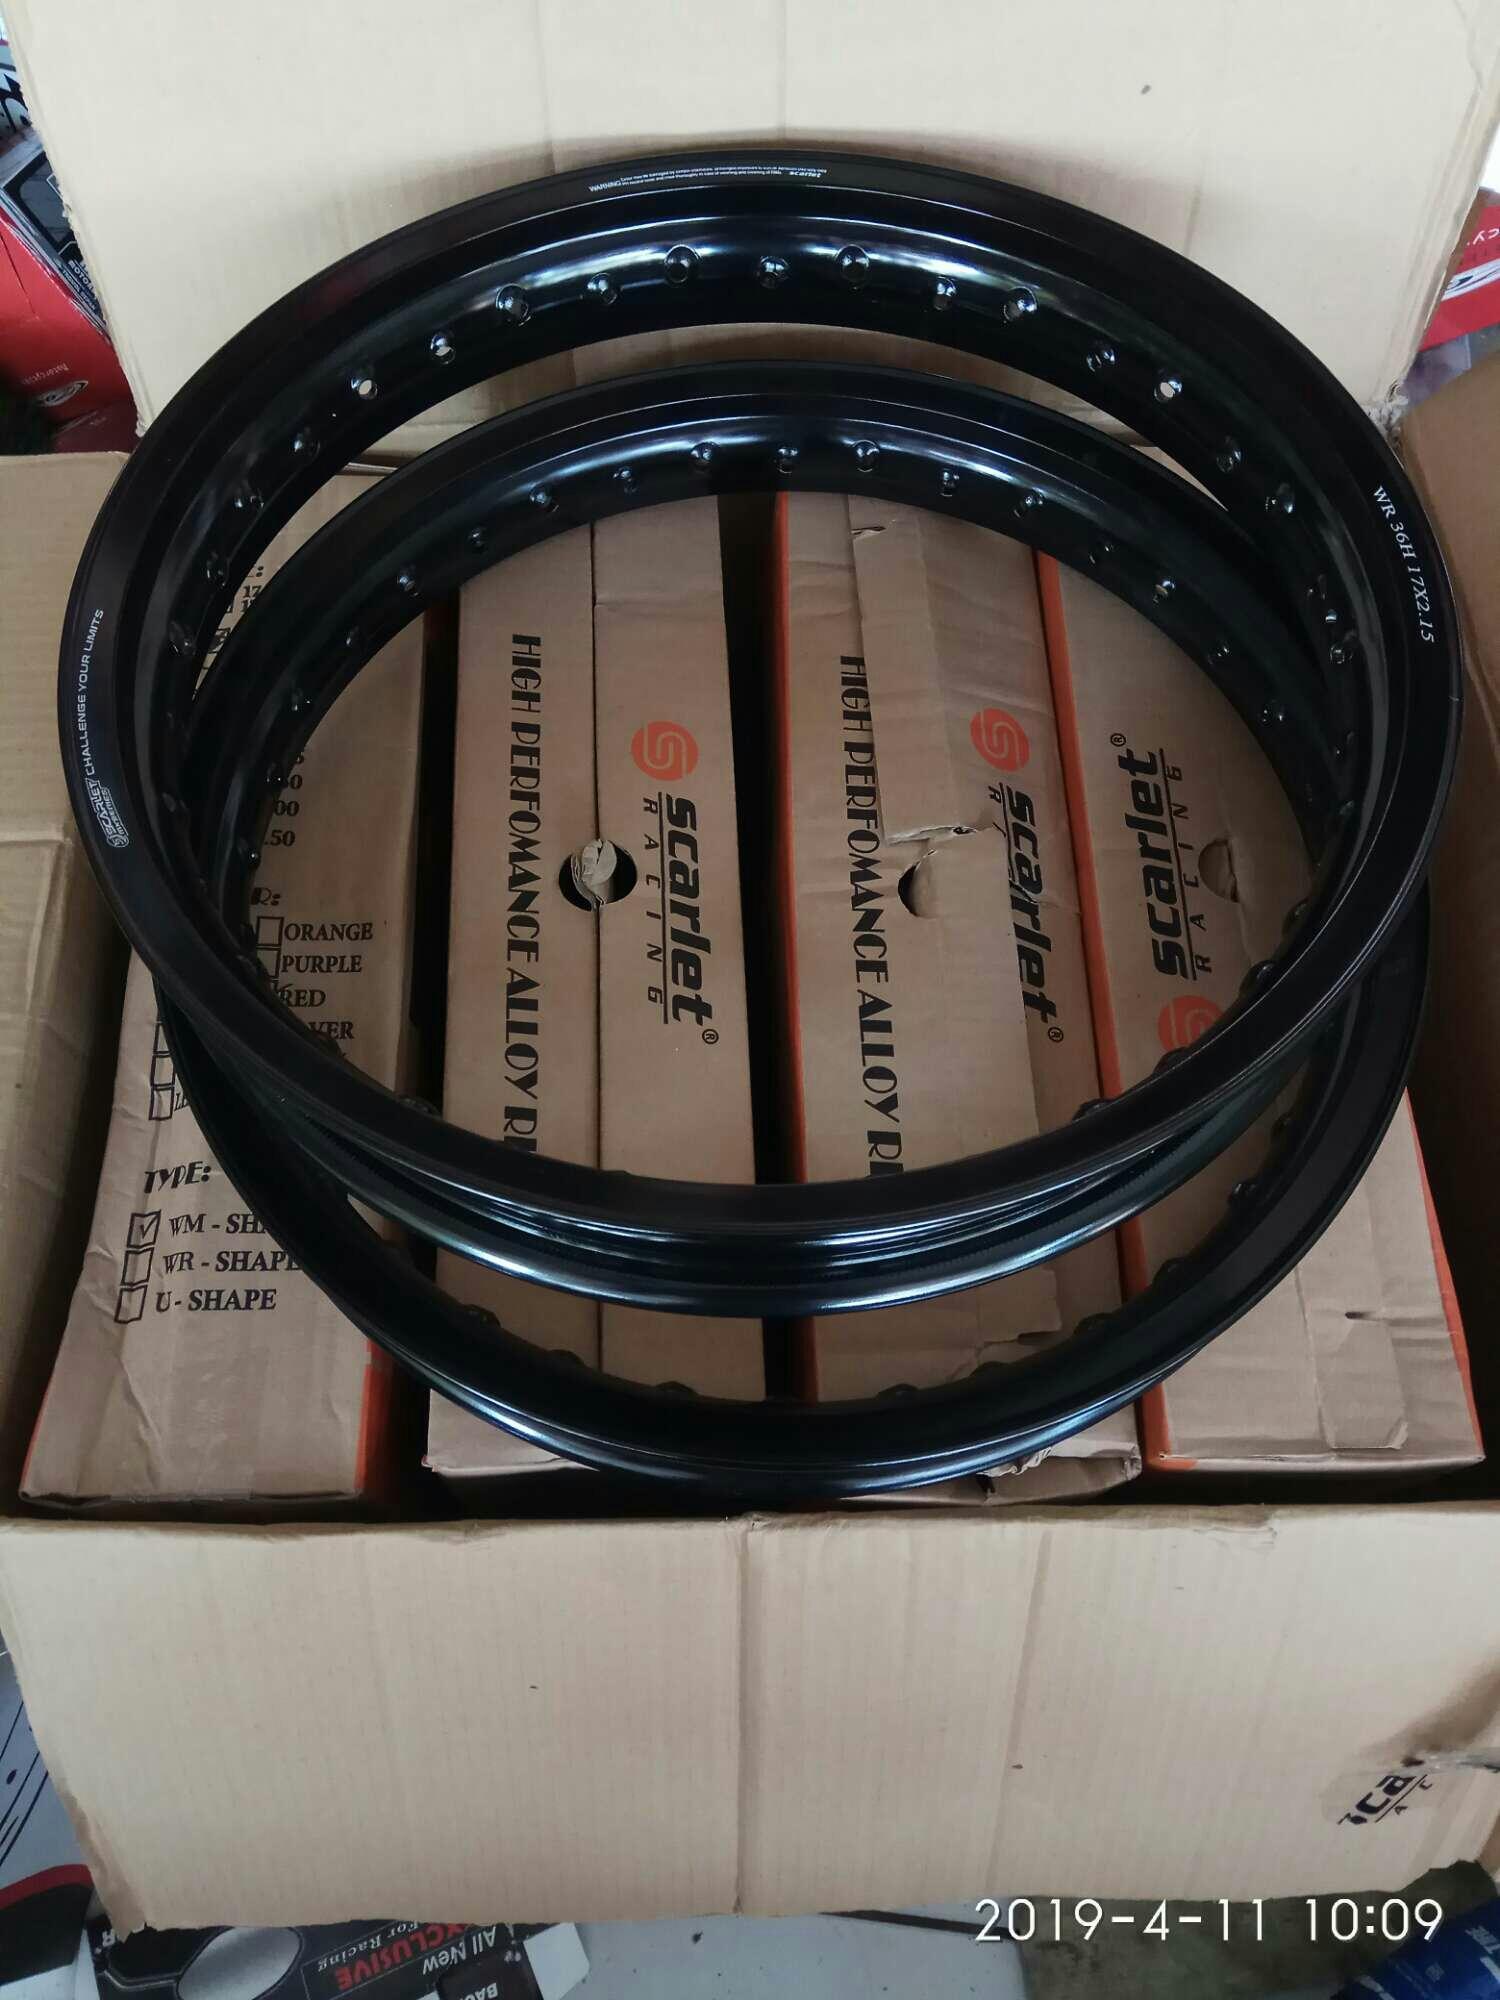 velg jari jari ring 17 lebar 185 /215x17 merek scarlet racing kualitas terbaik almuniaum alloy rim